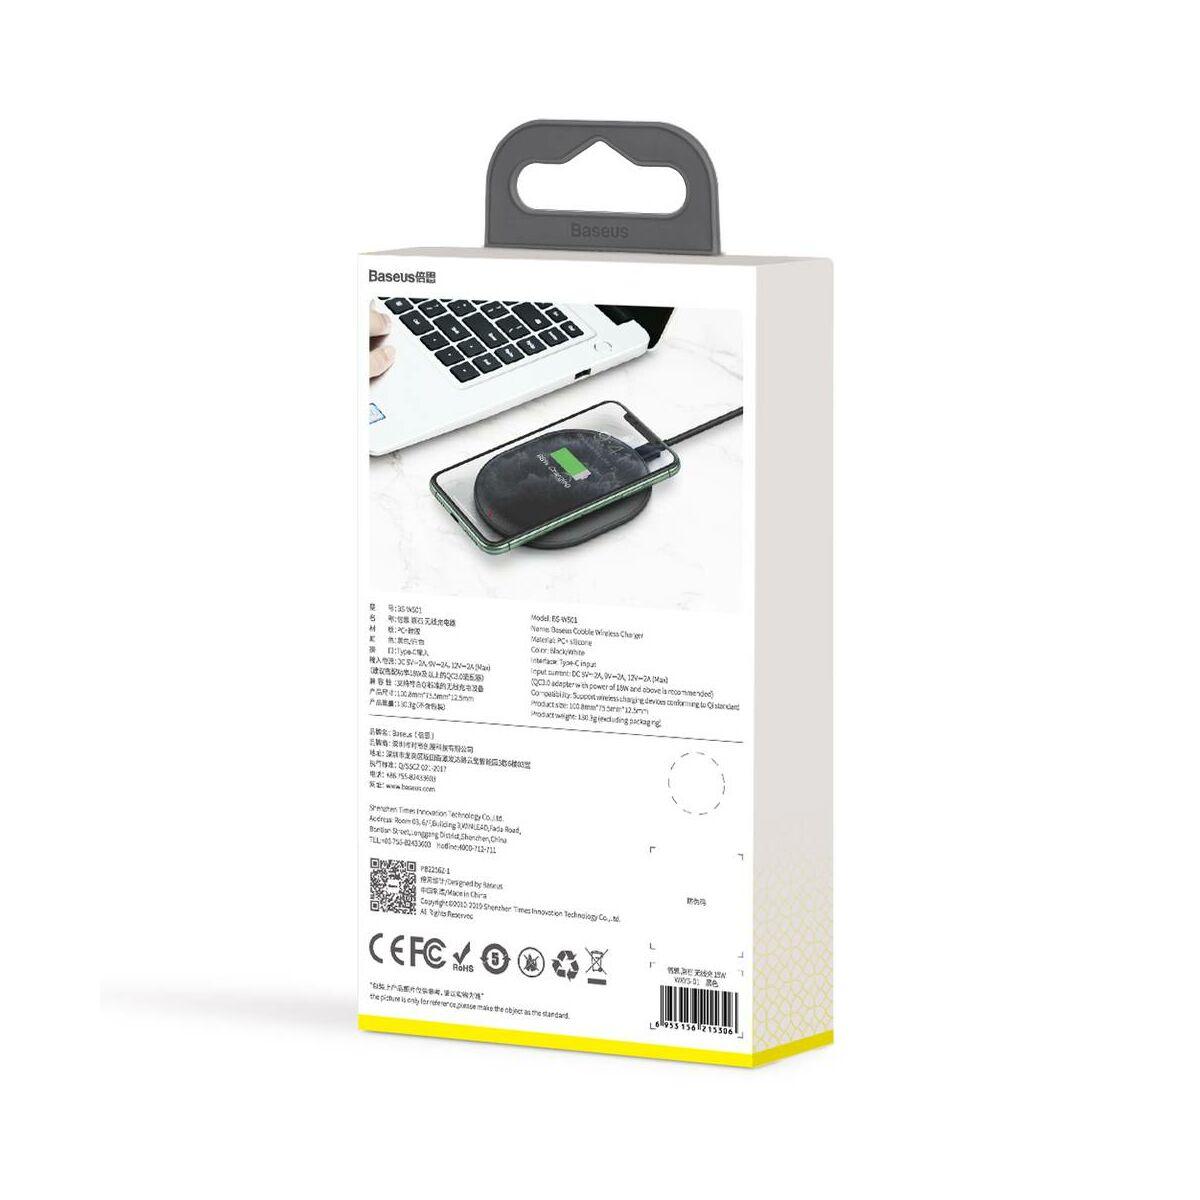 Baseus vezeték nélküli töltő, Cobble 15W, fekete (WXYS-01)